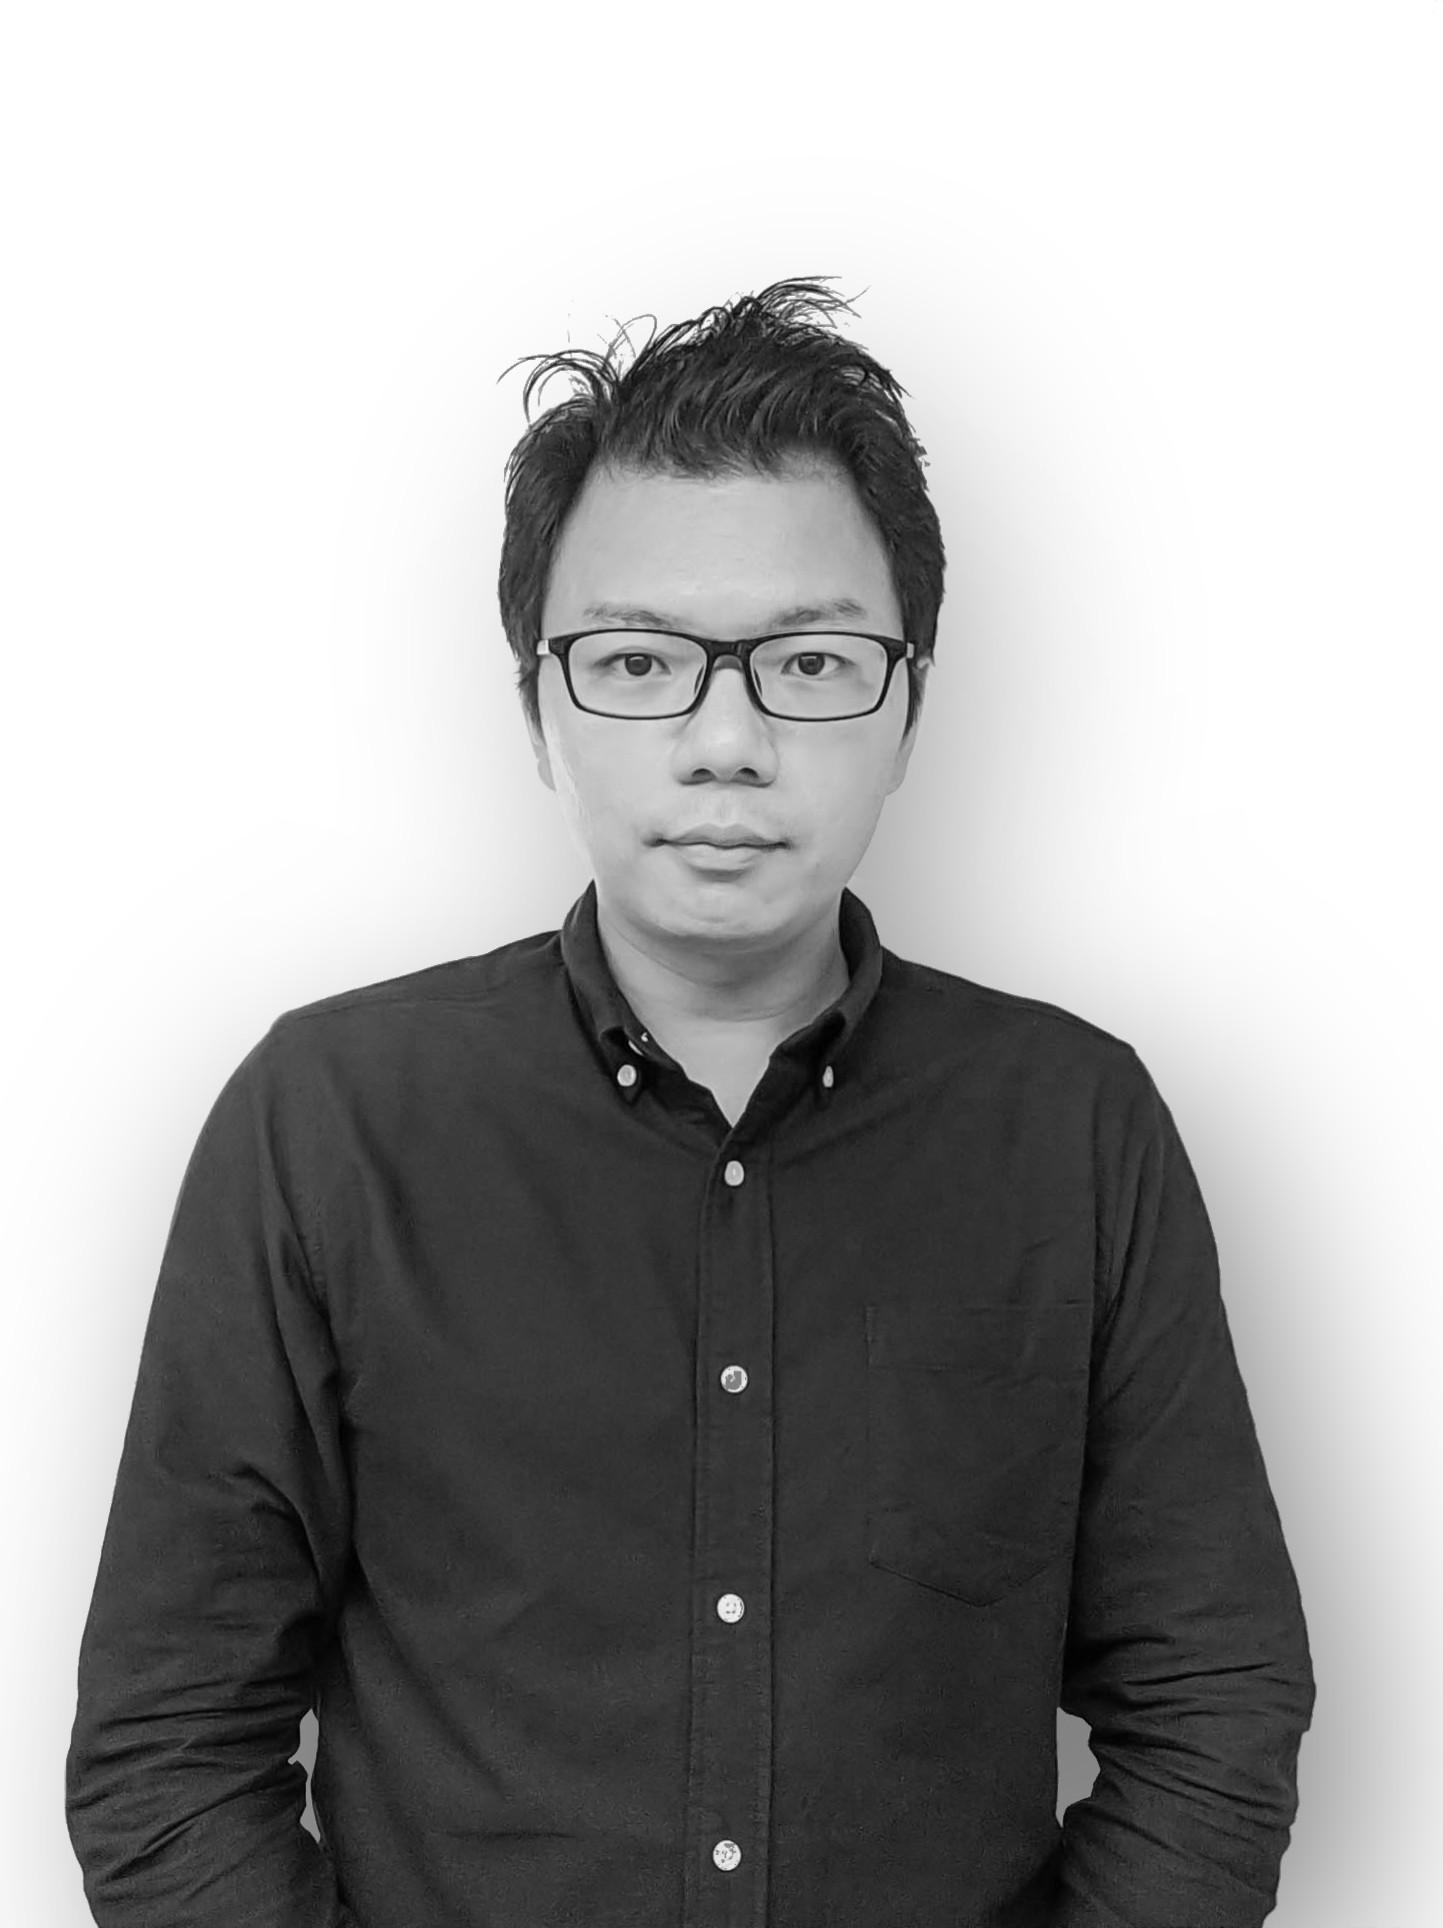 Han Yuan Edward Chang